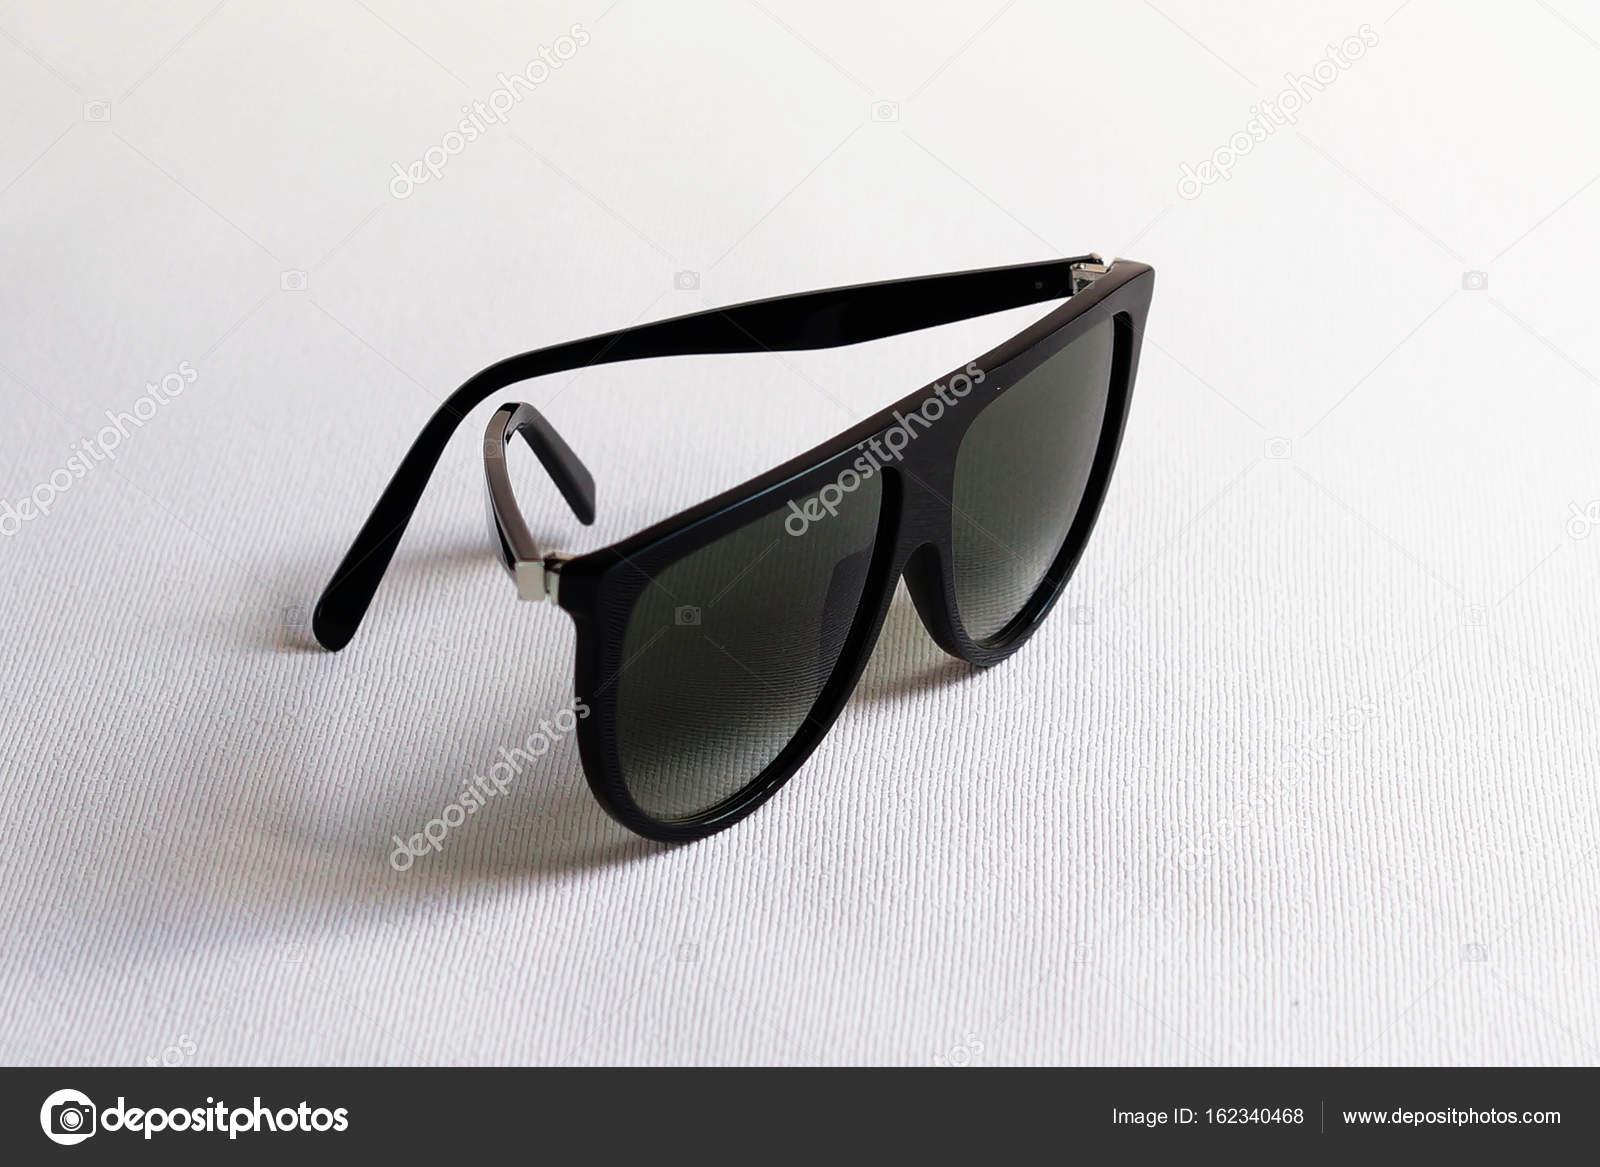 05ea33bc9f1ce Óculos de sol preto luxo isolados no fundo branco — Fotografia de Stock